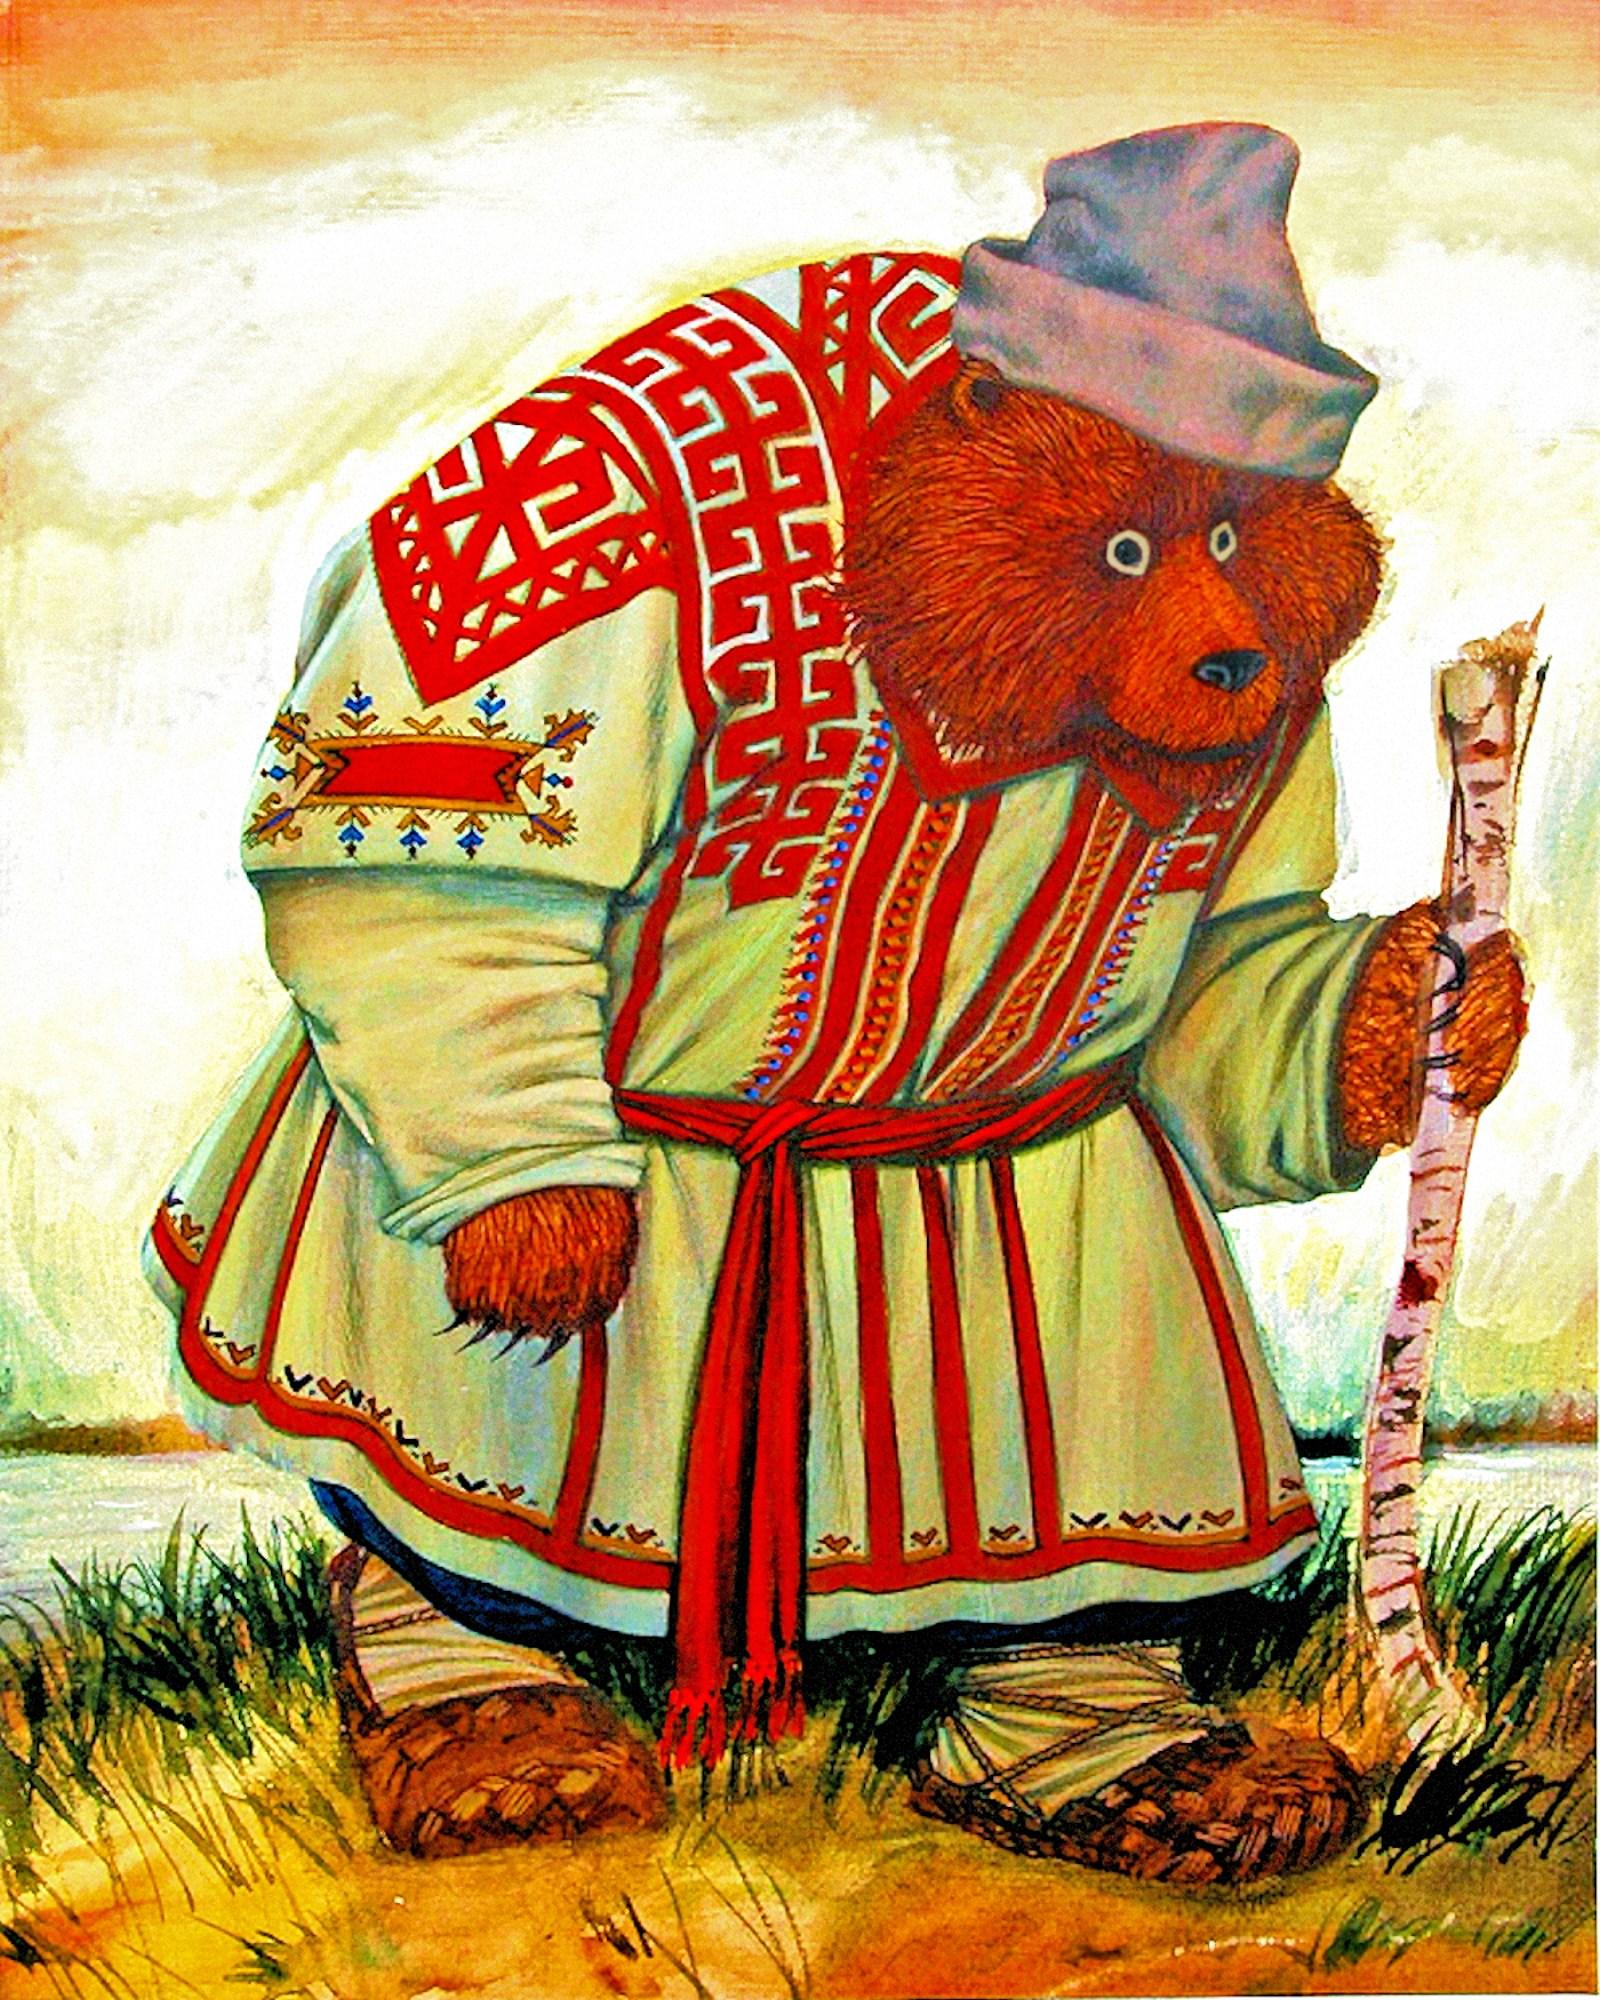 00 Russian Bear. Viktor Britvin 080716